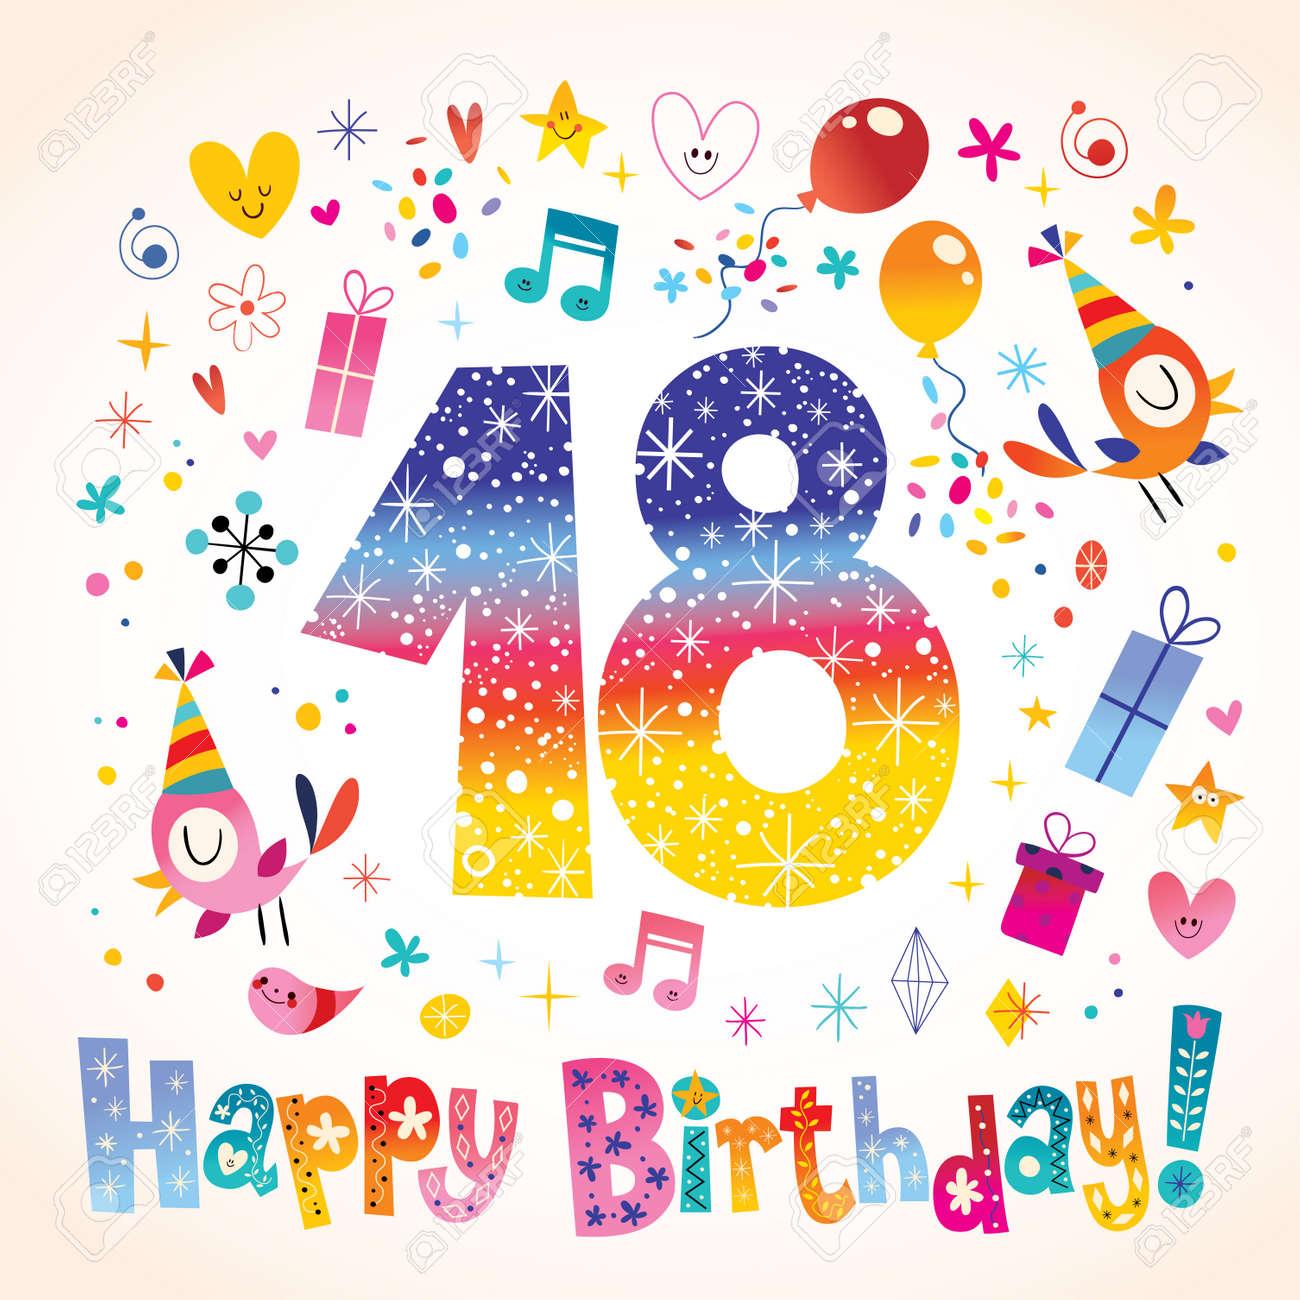 Eccezionale Immagini Di Buon Compleanno 18 Anni NB62 » Regardsdefemmes AE41